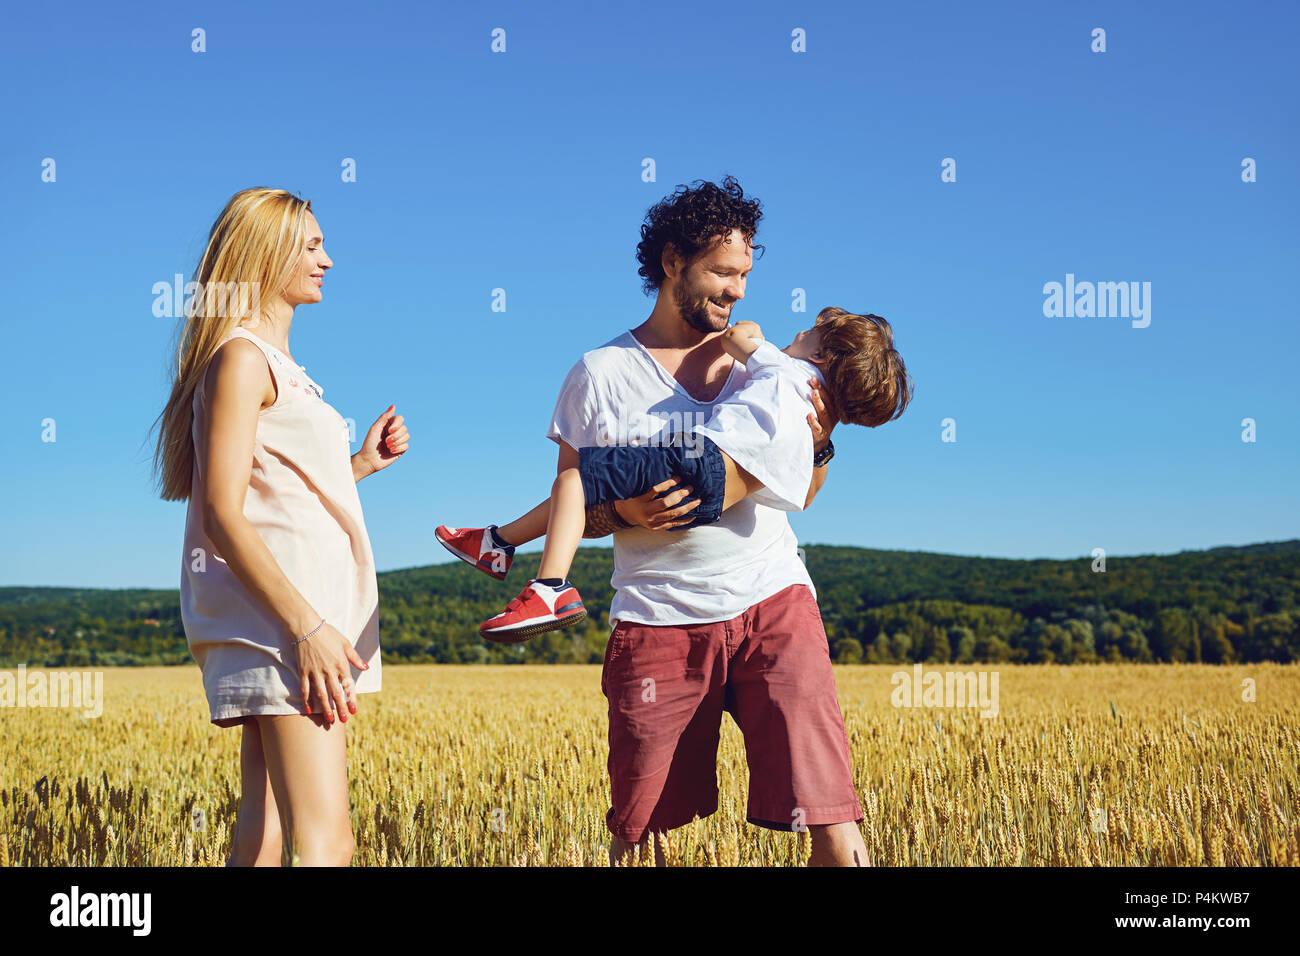 Una familia feliz es disfrutar de la diversión con un niño al aire libre. Imagen De Stock